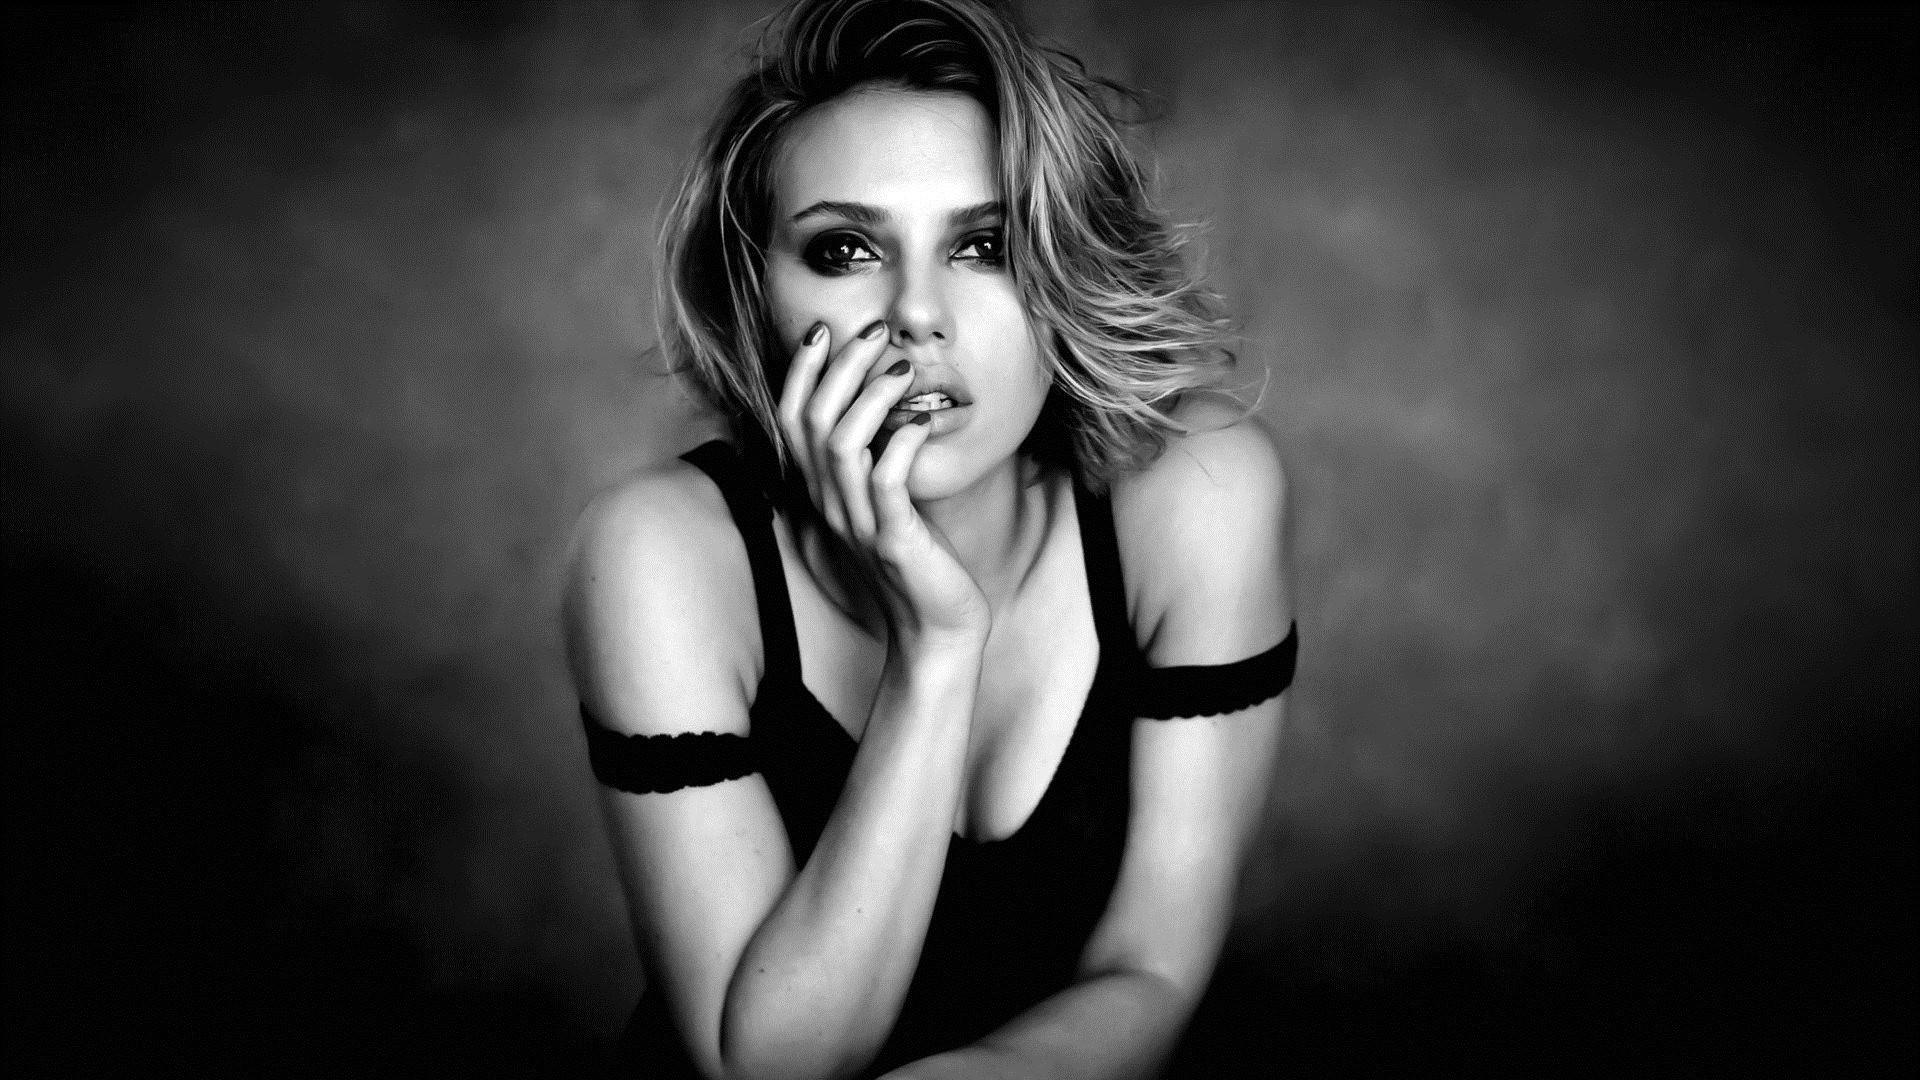 Wallpaper Women Model Celebrity Scarlett Johansson Emotion